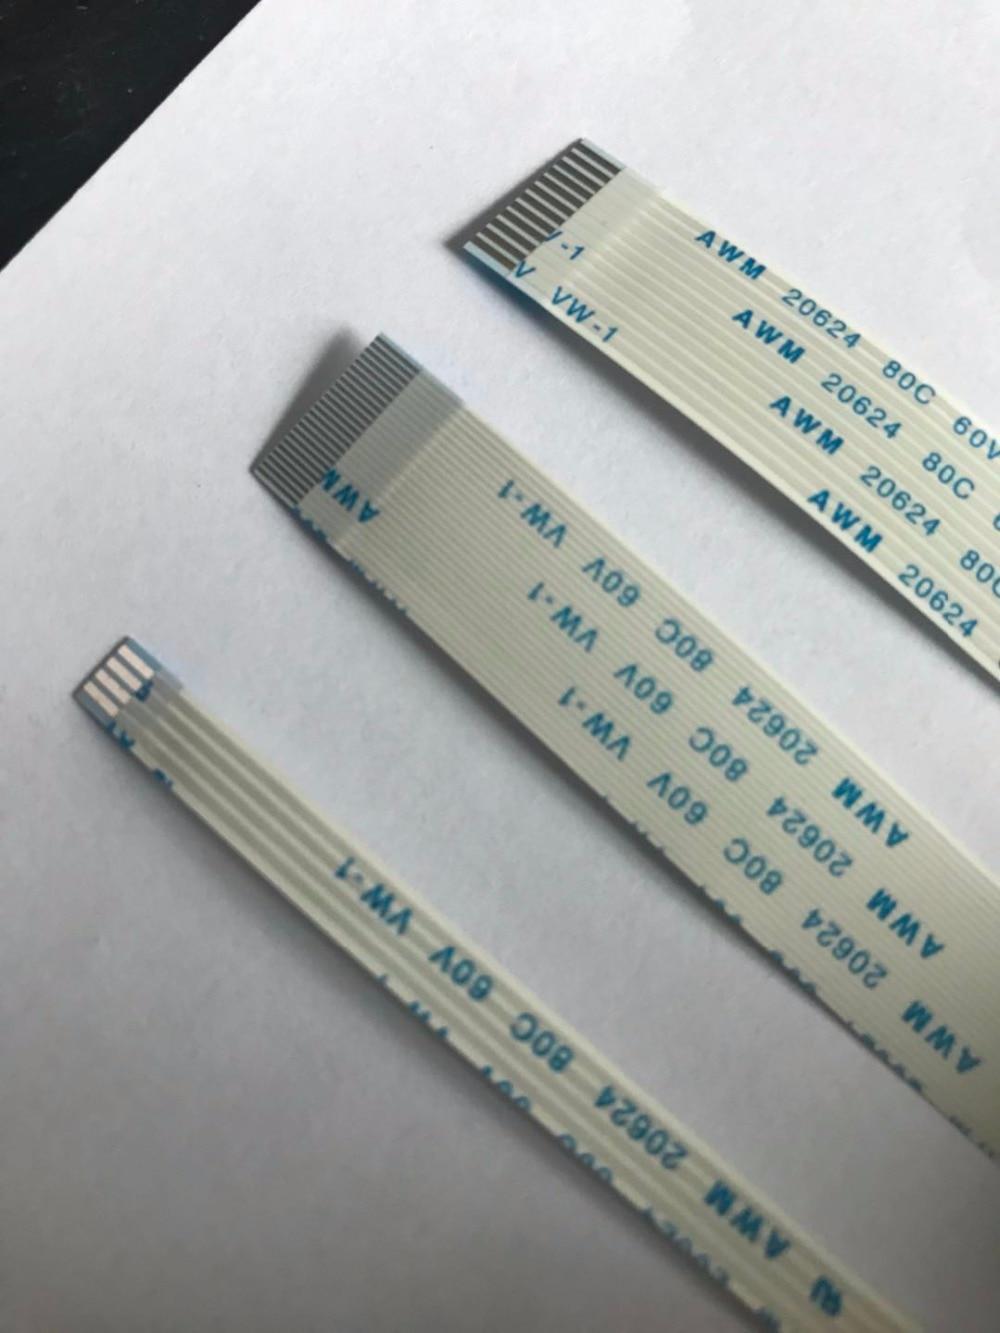 5set  932 933 932XL 933XL Print head Printhead Cable for HP 6060 6060e 6100 6100e 6600 6700 7110 7600 7610 7612 hp 932xl cn053ae